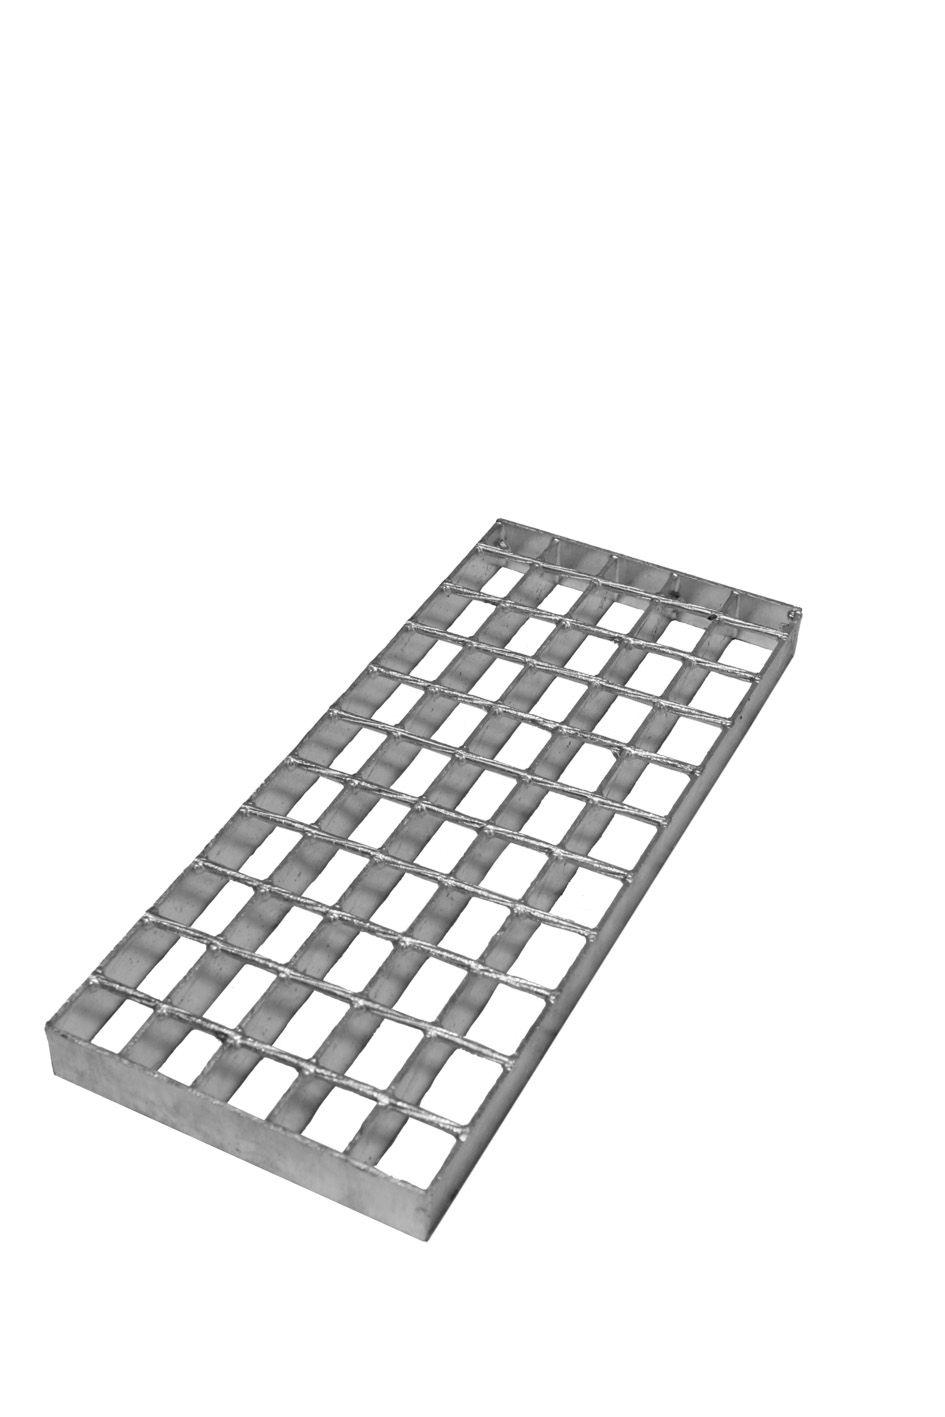 Rejilla metálica electrofundida galvanizada: Productos y servicios de Arquetas, S.L.